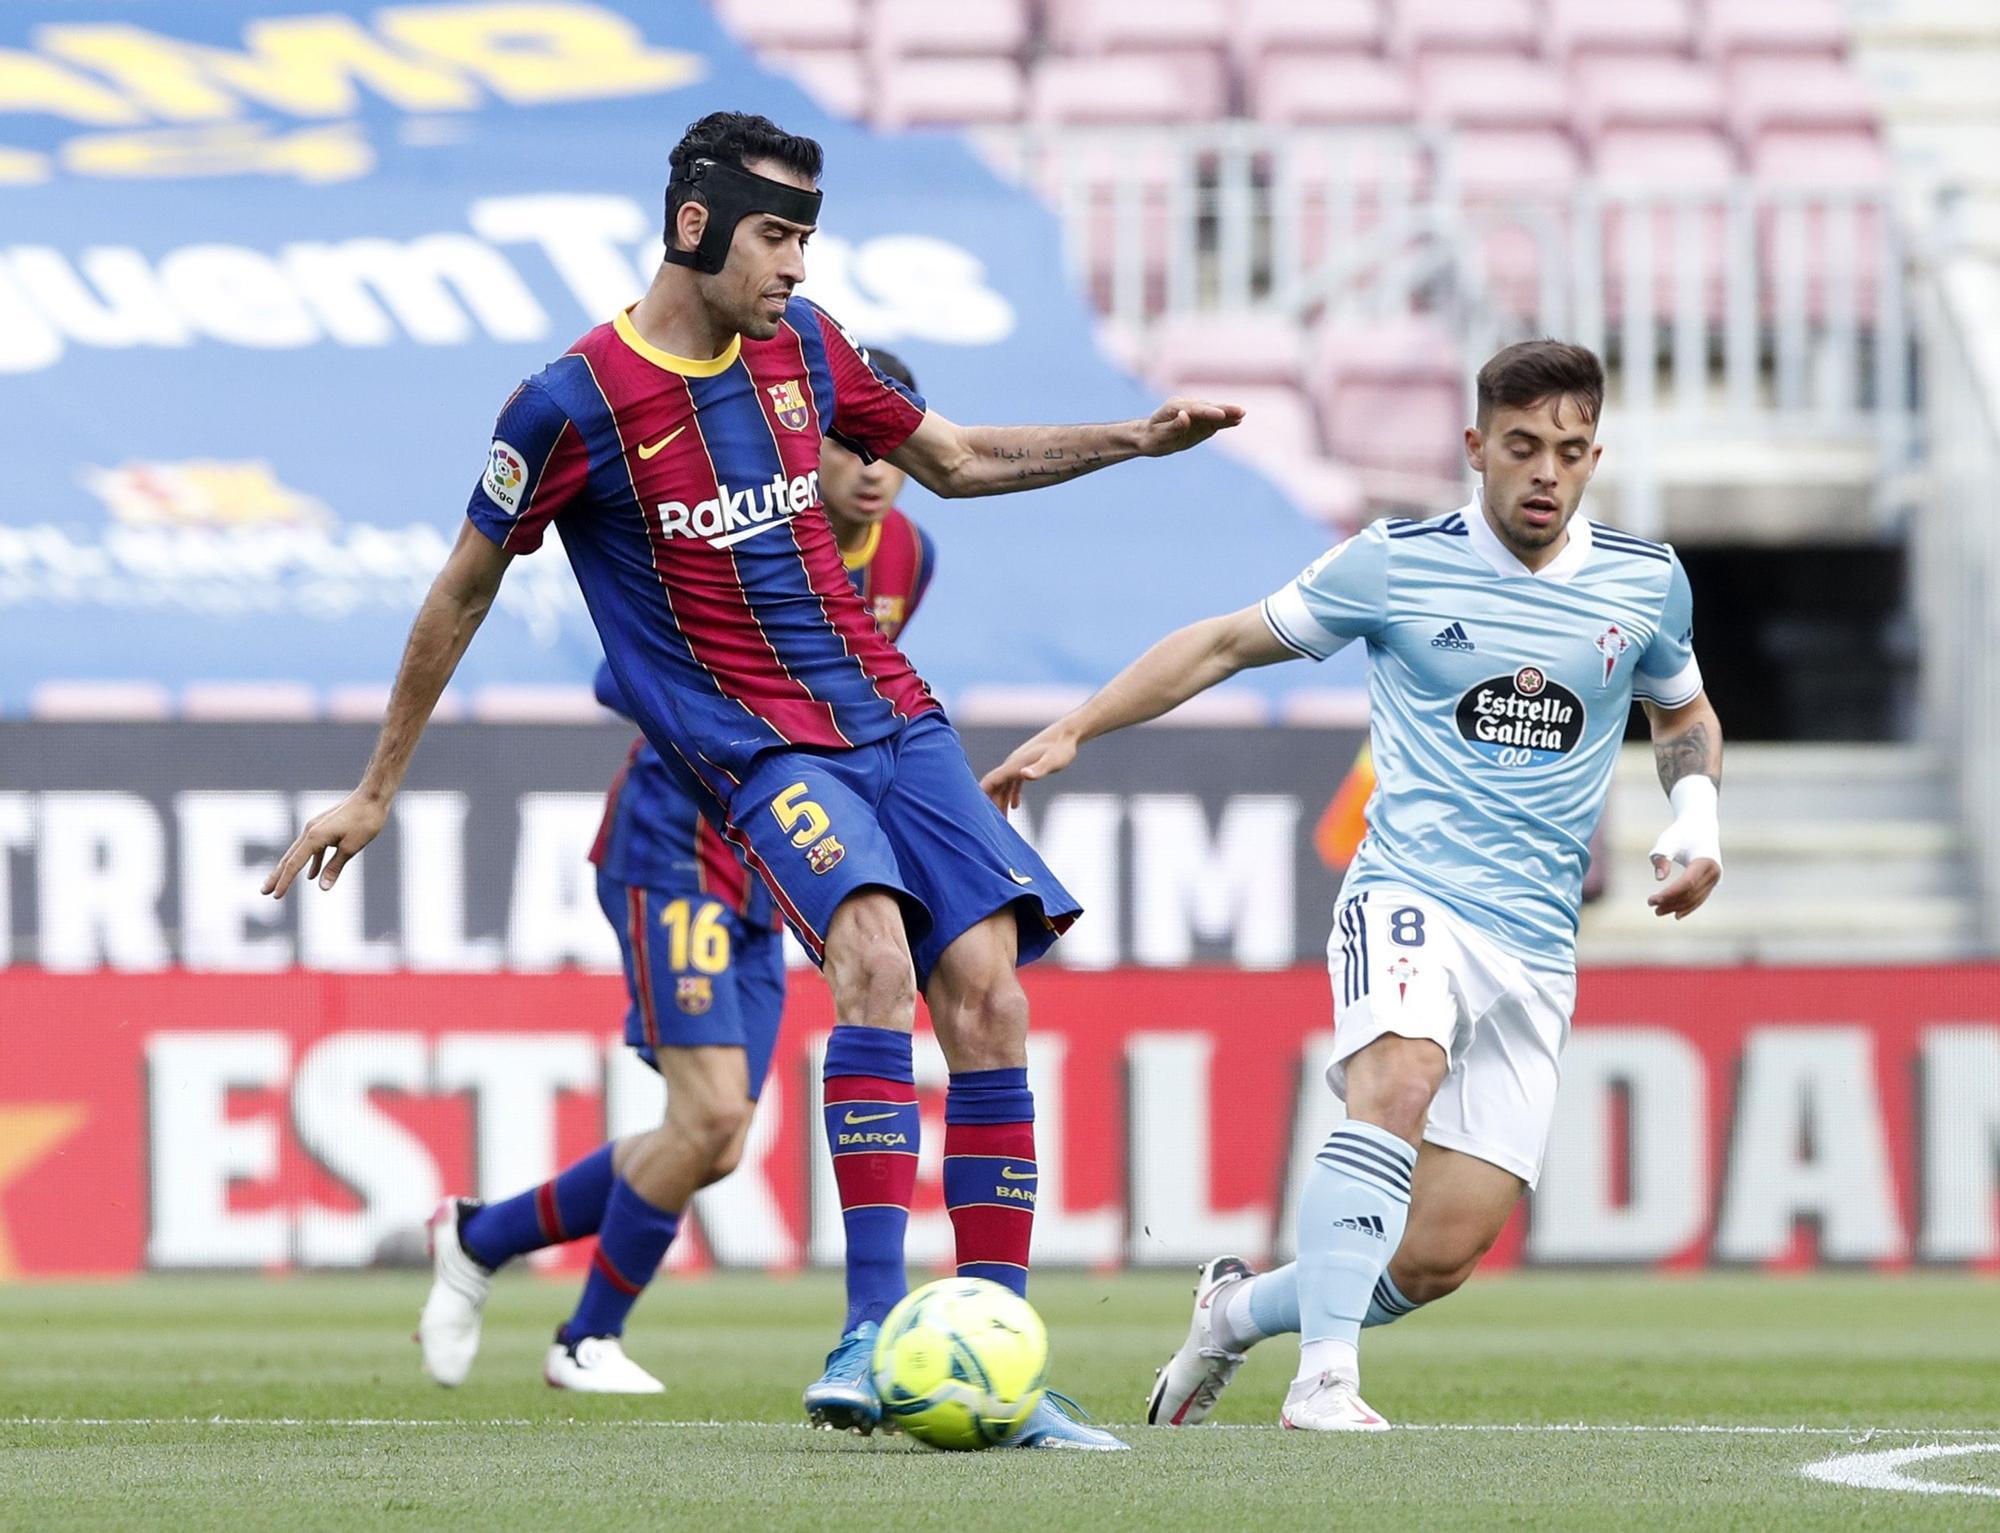 EN FOTOS | Barça - Celta de Vigo